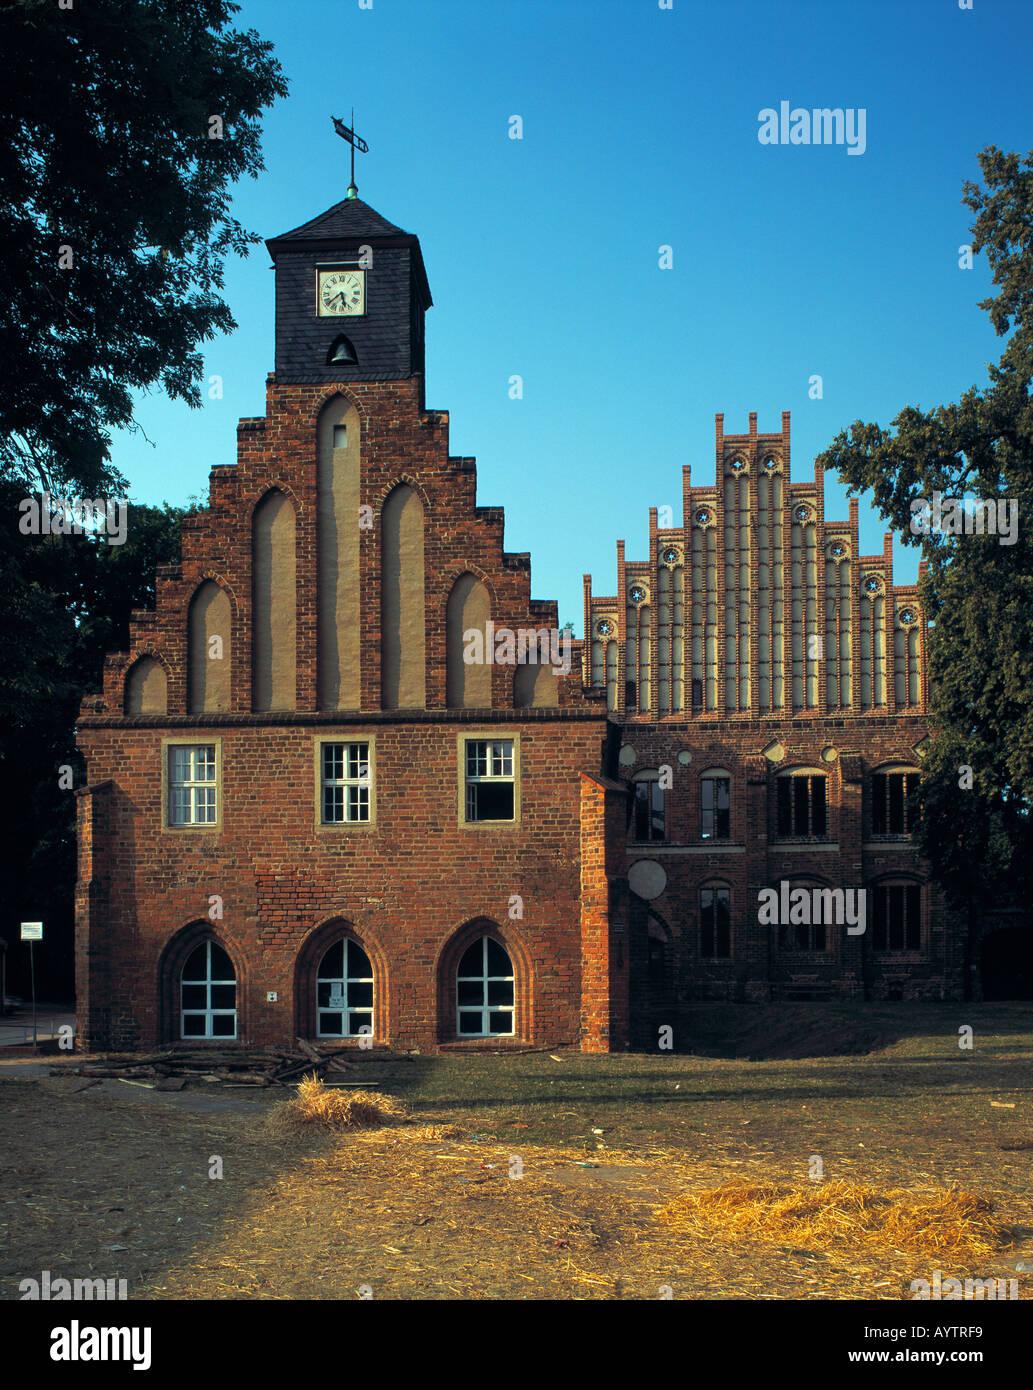 Zisterzienserkloster Zinna in Kloster Zinna, Niederer Flaeming, Brandenburg Stock Photo